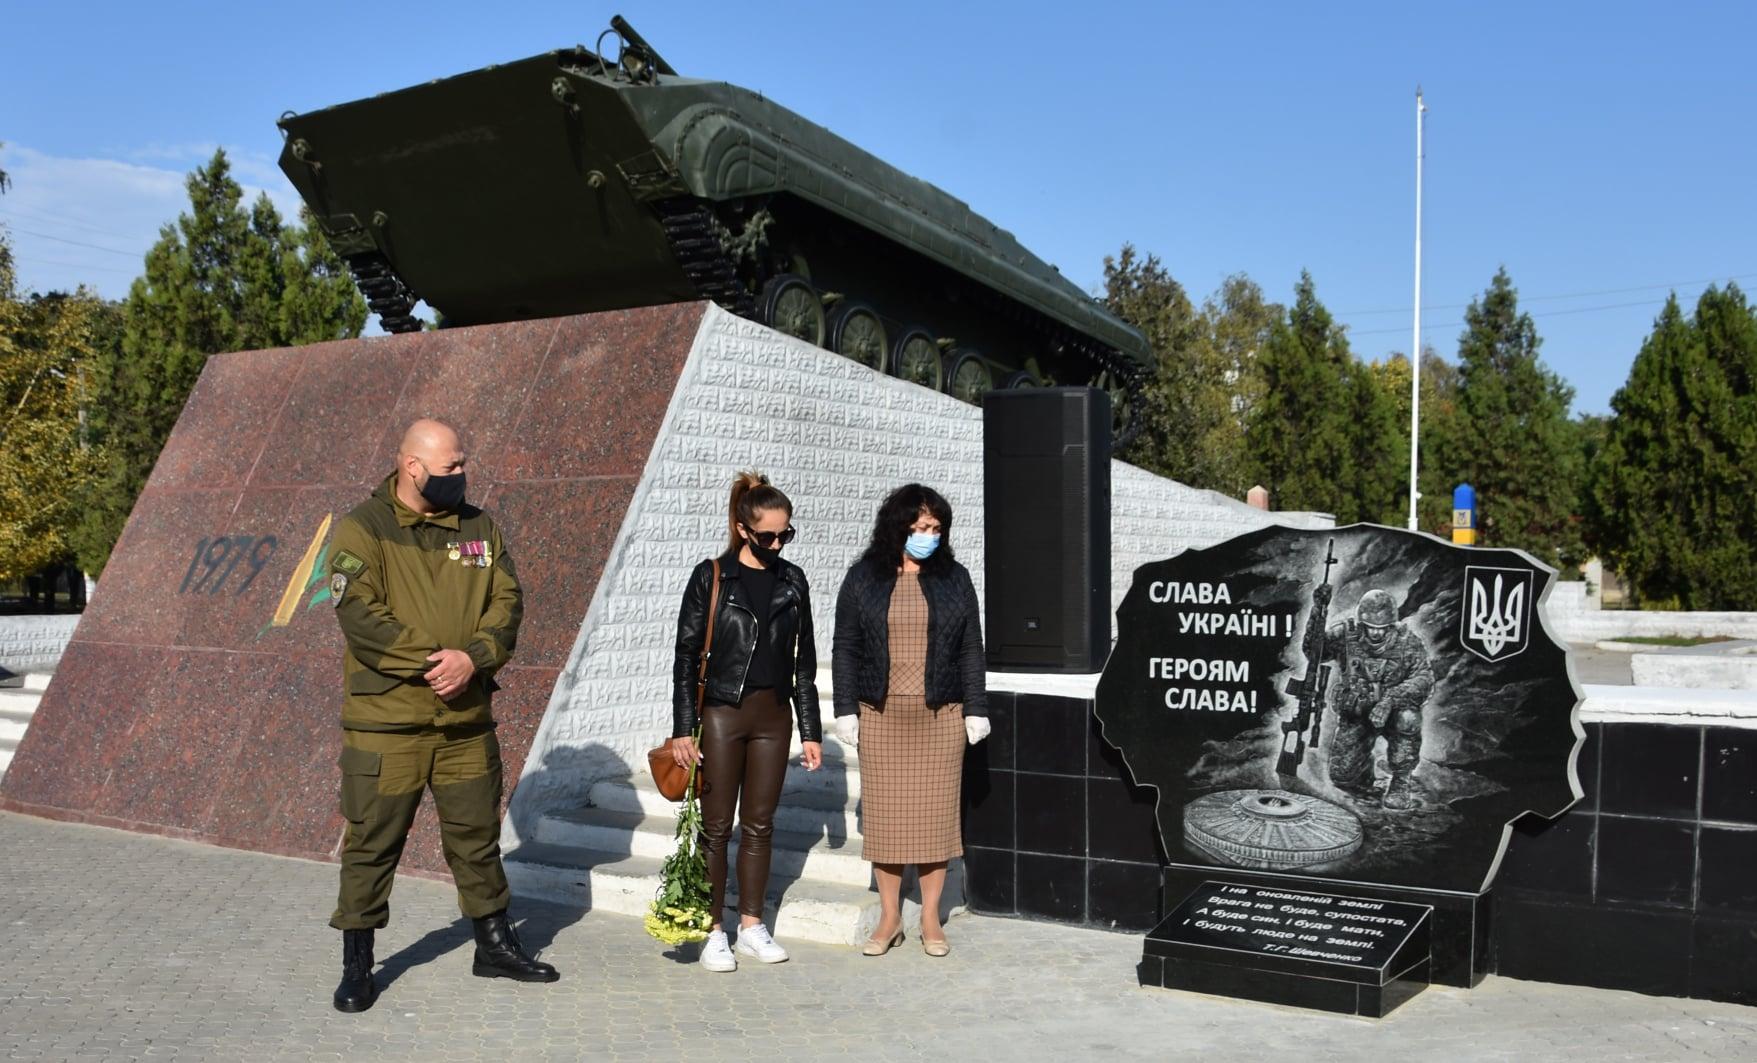 В Першотравенске открыт памятный знак погибшим бойцам АТО/ООС